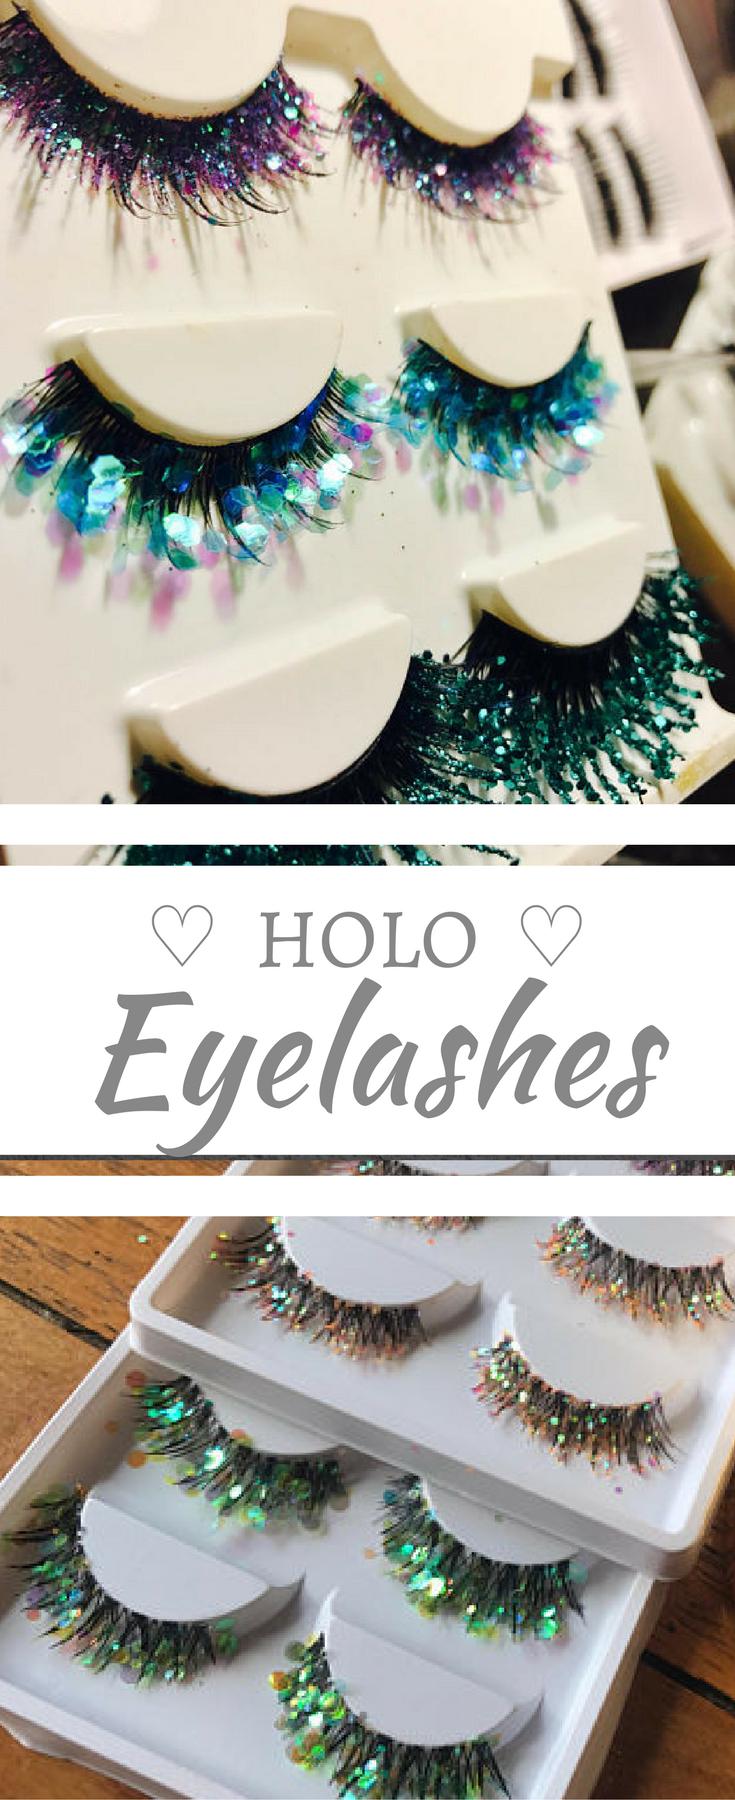 Sparkly False Eyelashes Holo Makeup Looks Holo Mermaid Sparkly